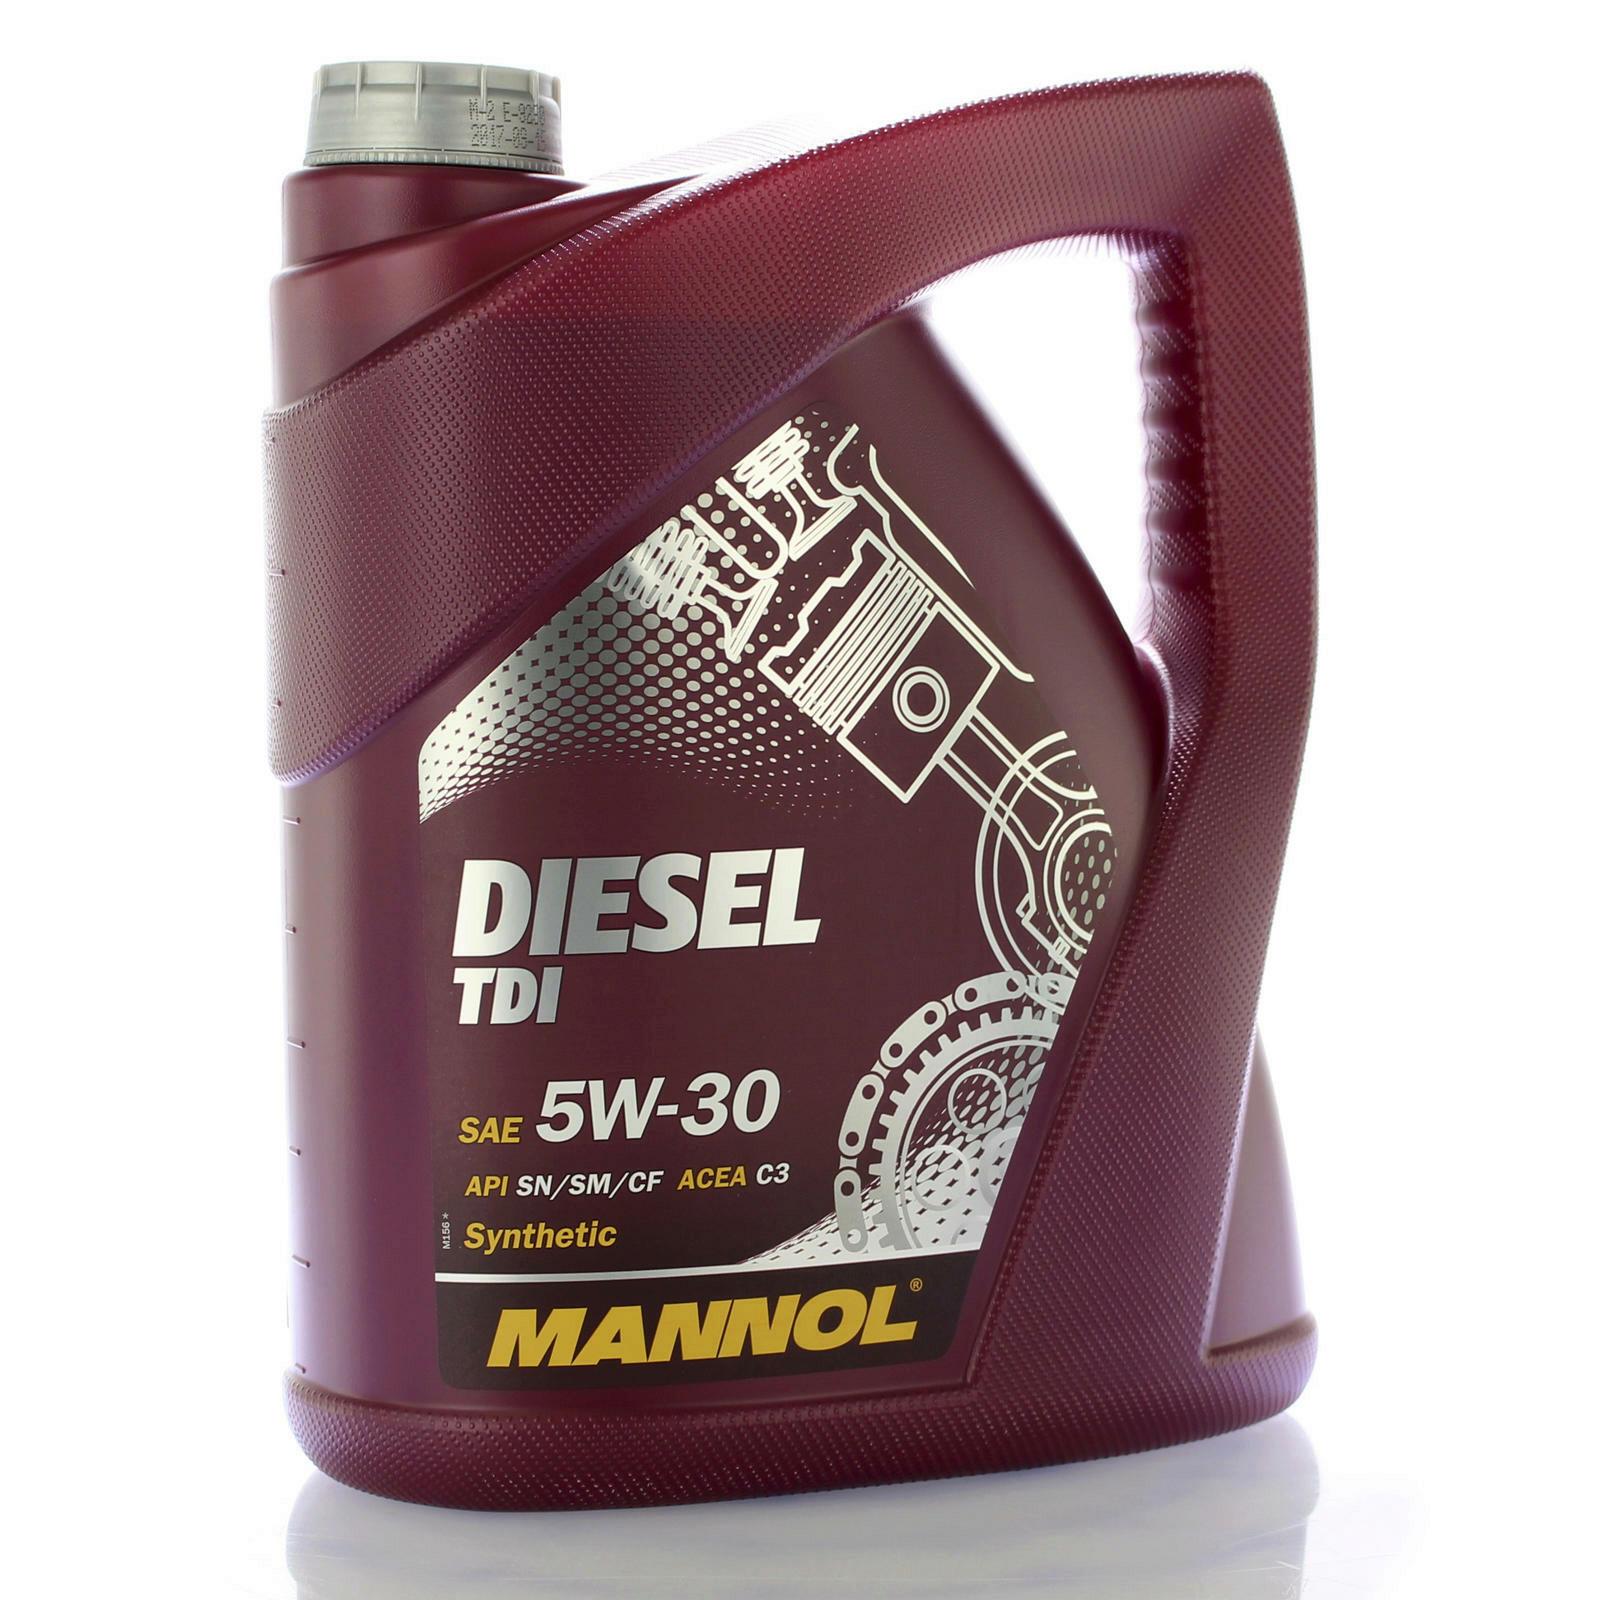 mannol mn7909 5 motor l diesel tdi 5w 30 motoren l 5l f r. Black Bedroom Furniture Sets. Home Design Ideas